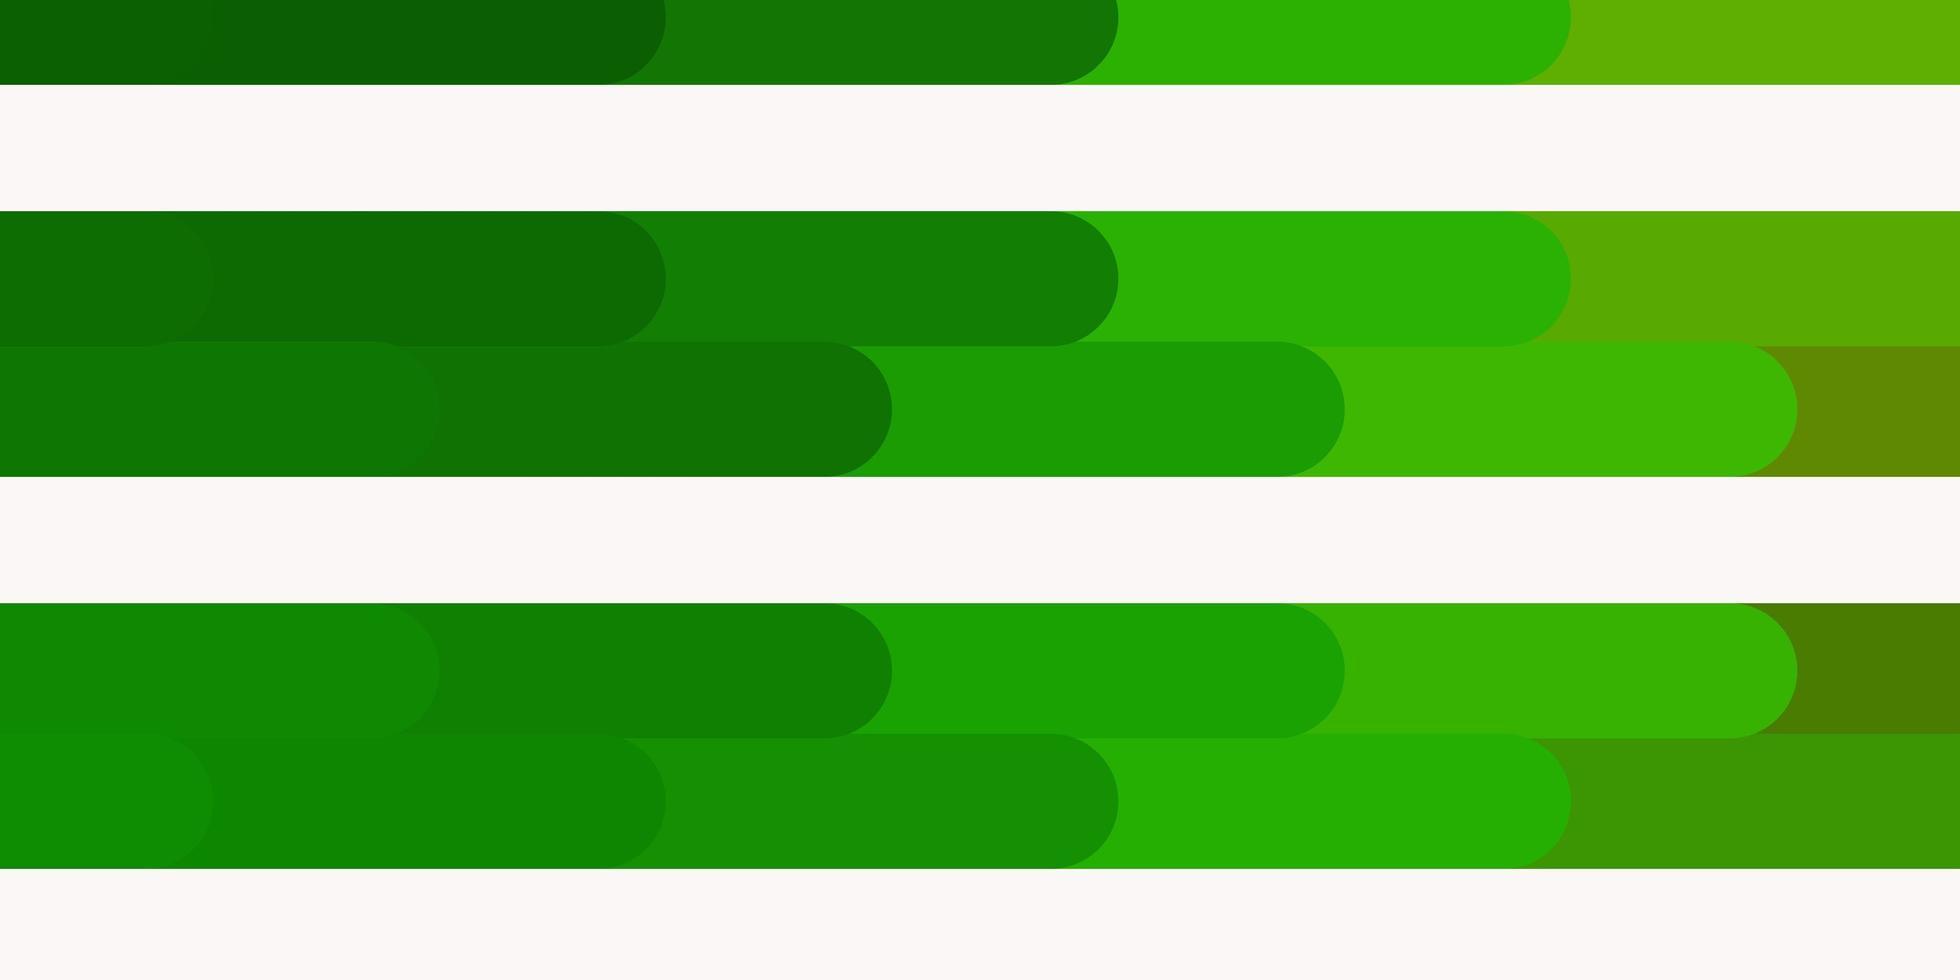 ljusgrön vektor bakgrund med linjer.